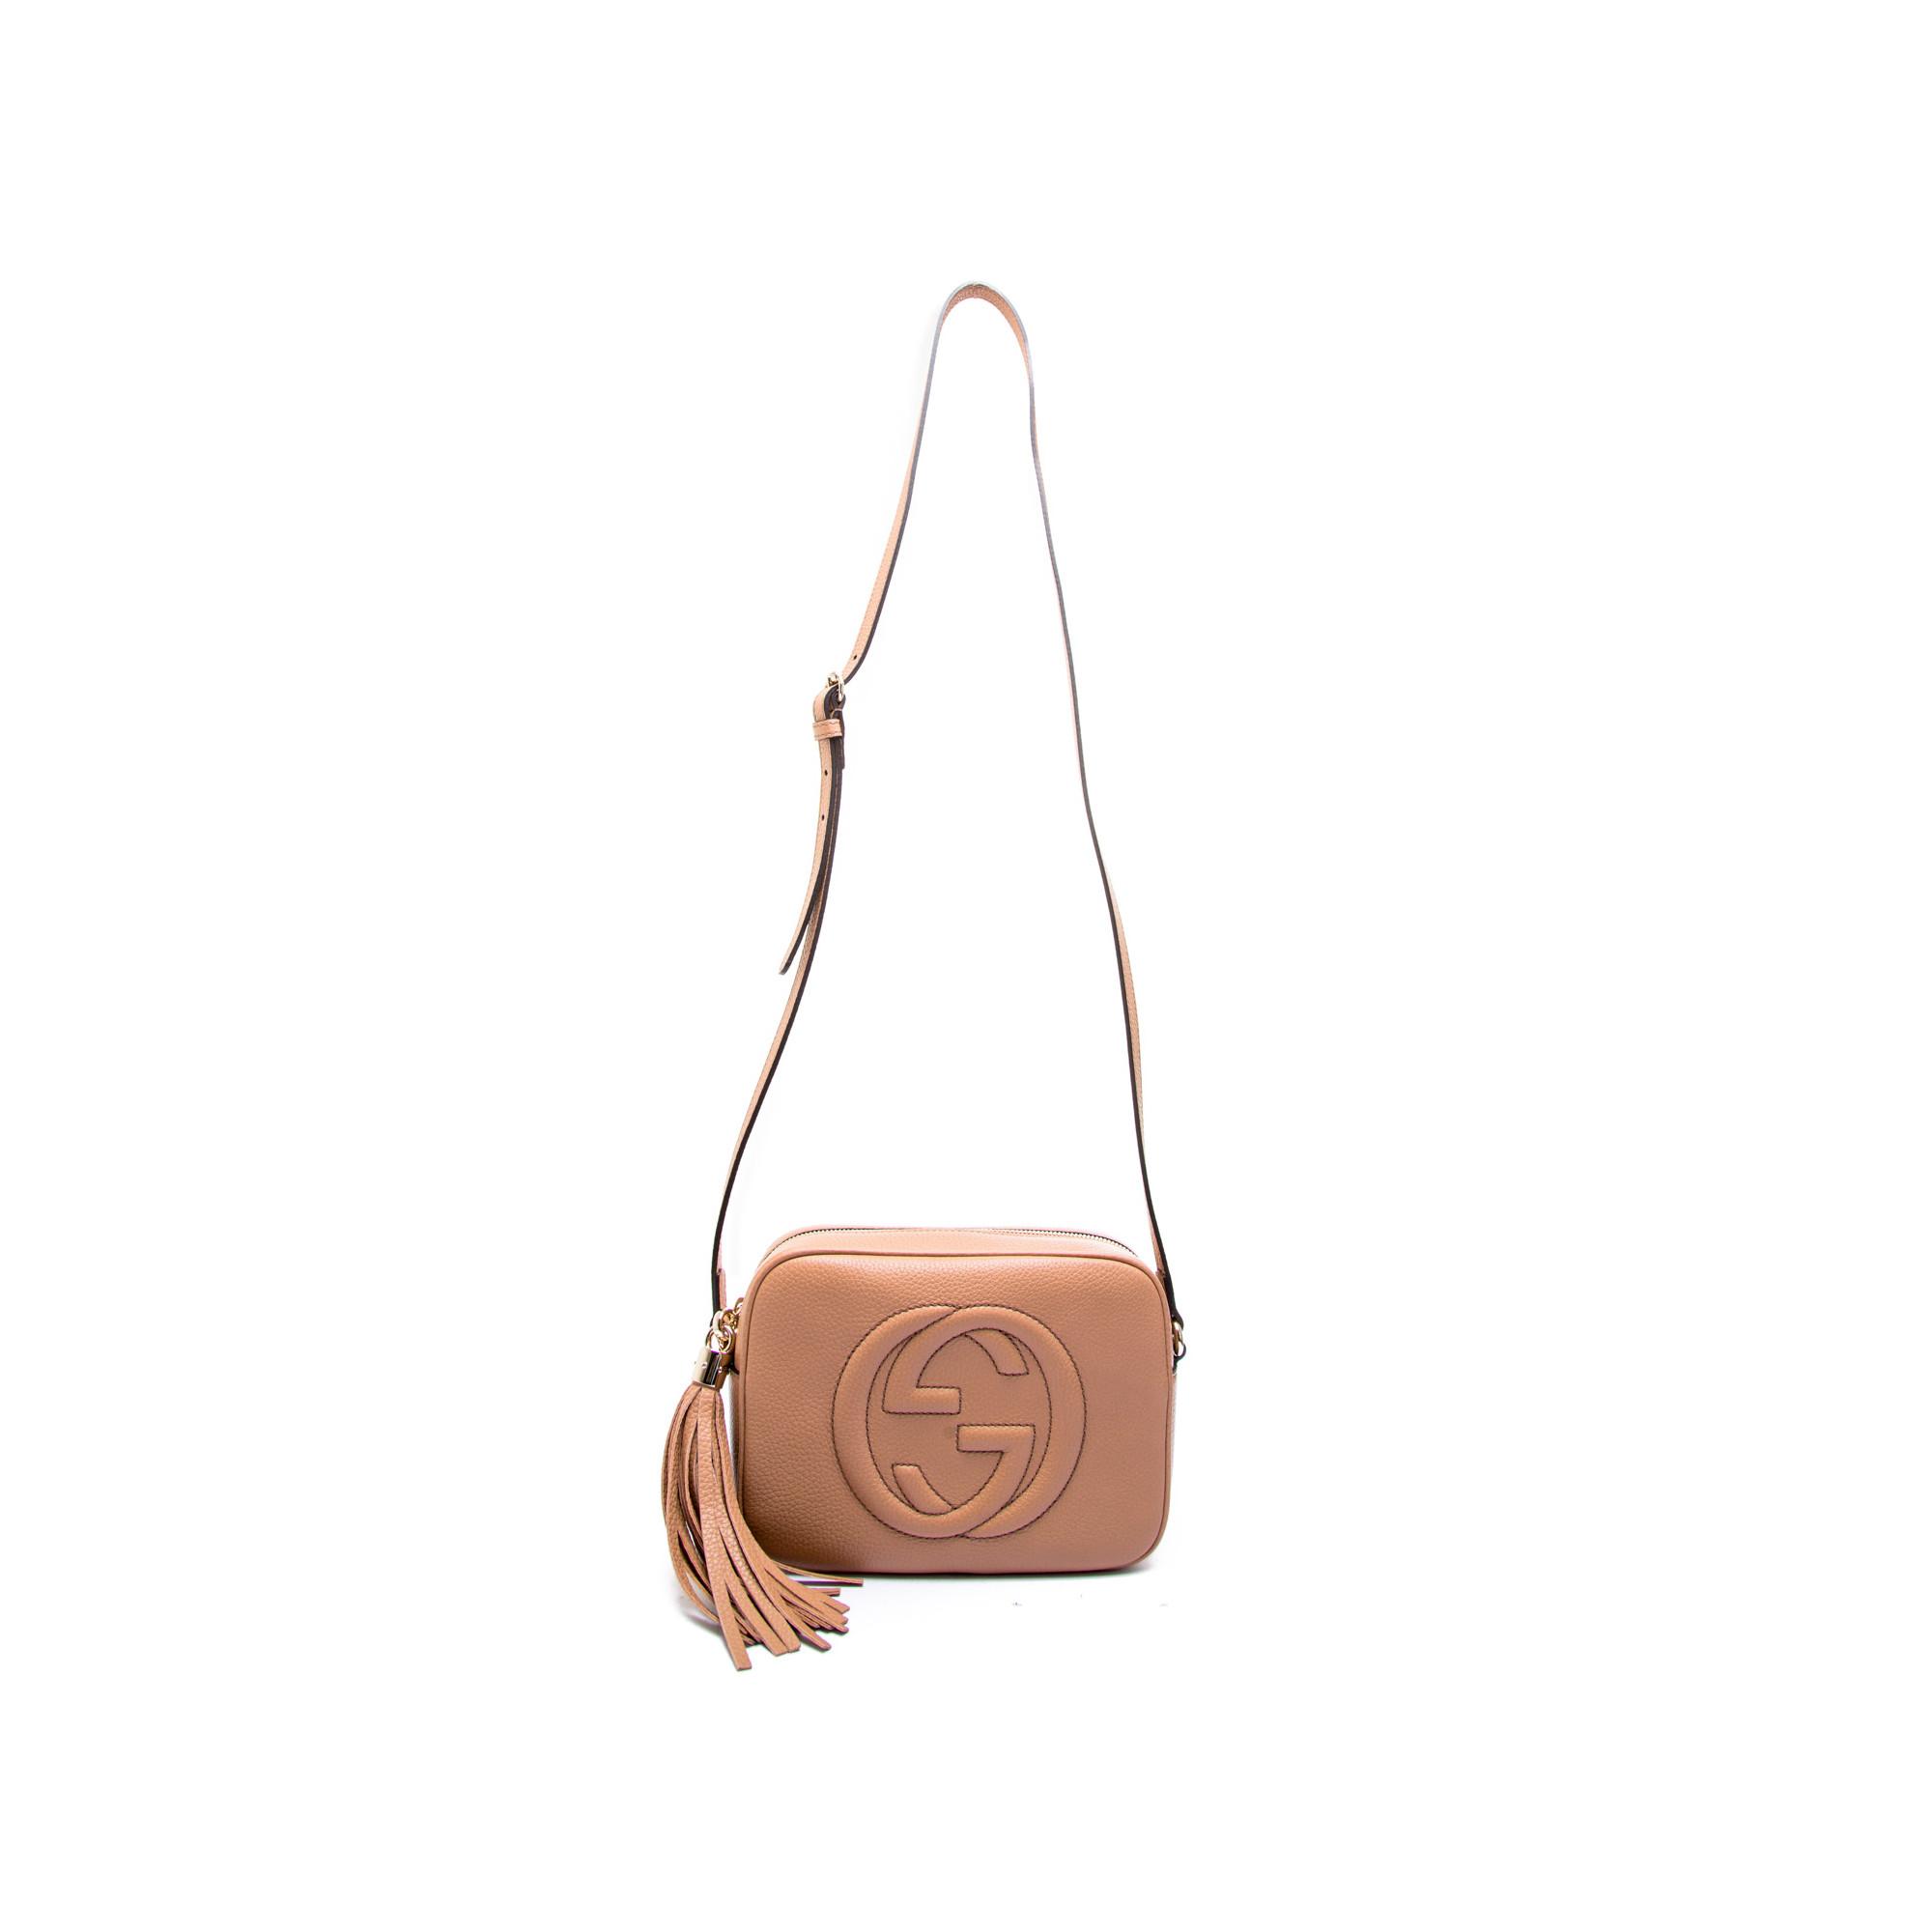 388ebd37a74c Gucci handbag soho cellarius camel308364 / a7m0g / 2754 ss19